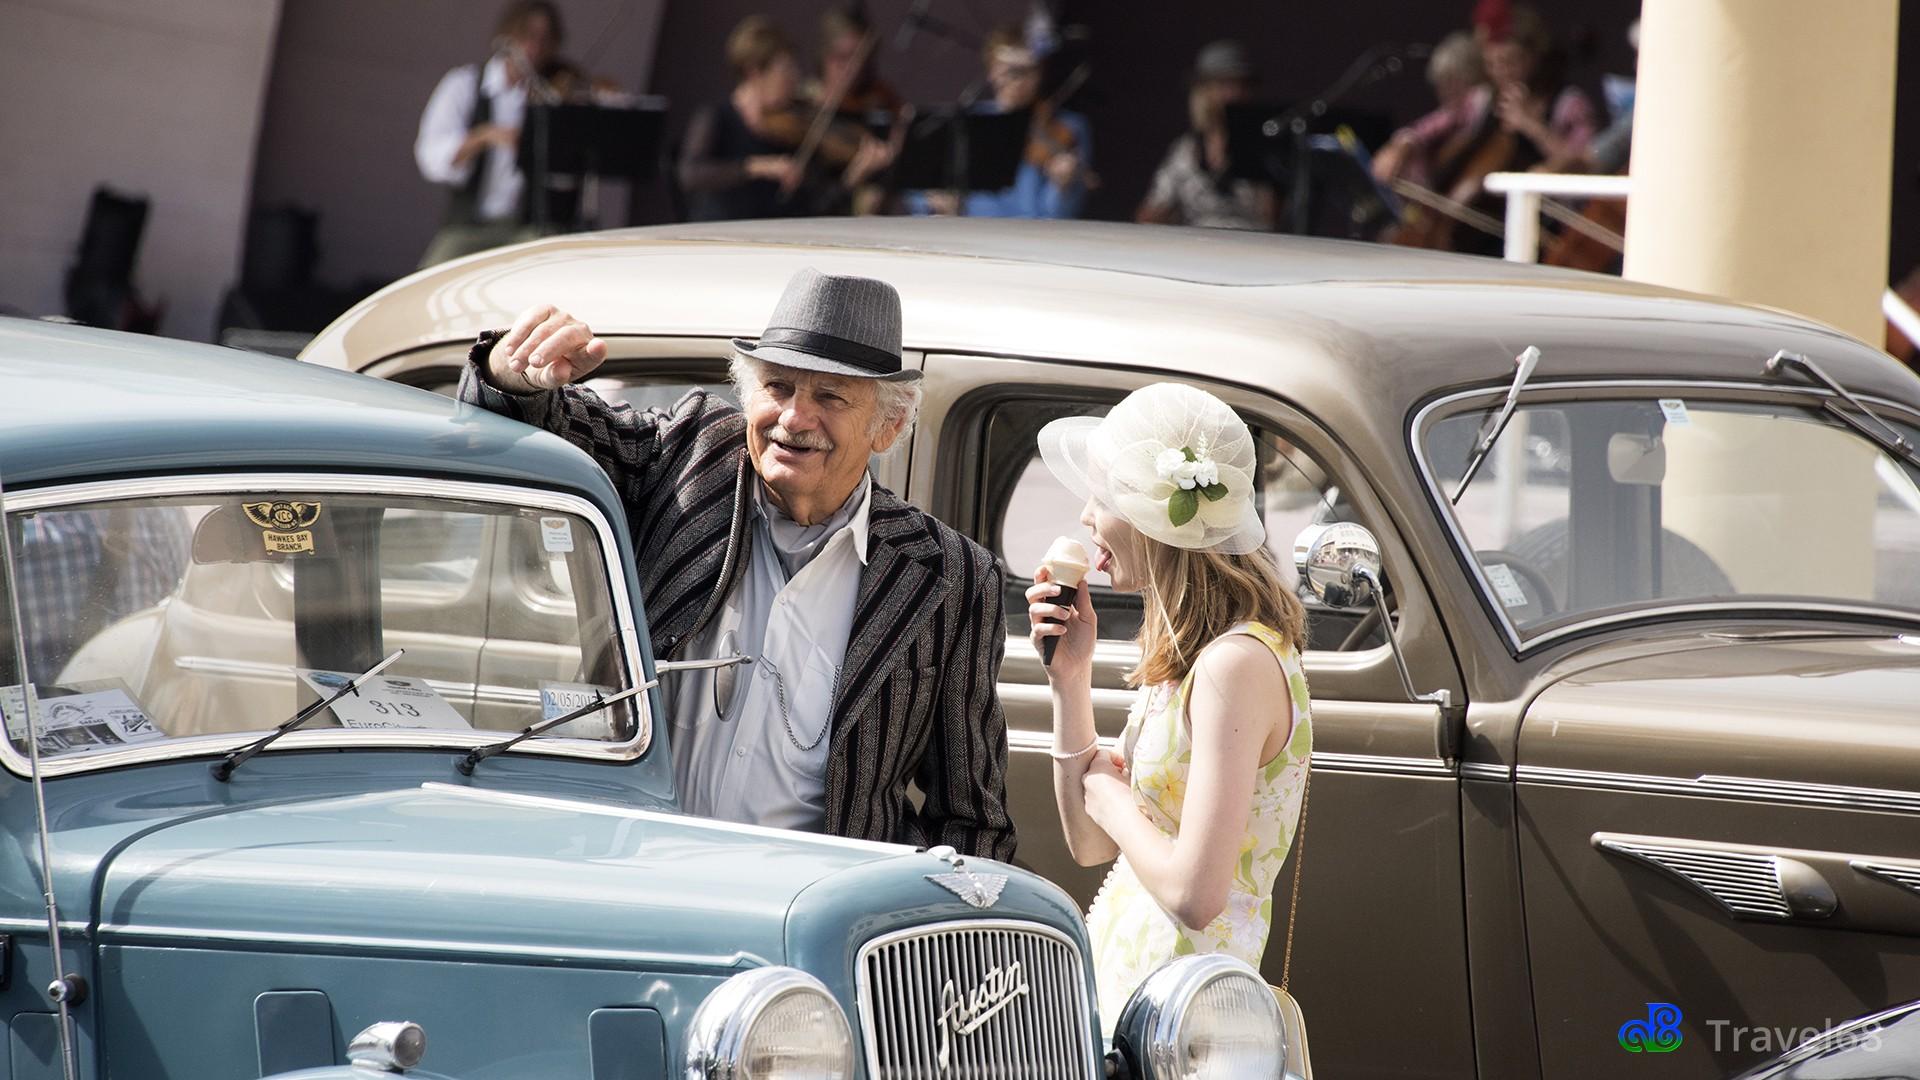 Een bezoekster van het festival praat met een autobezitter